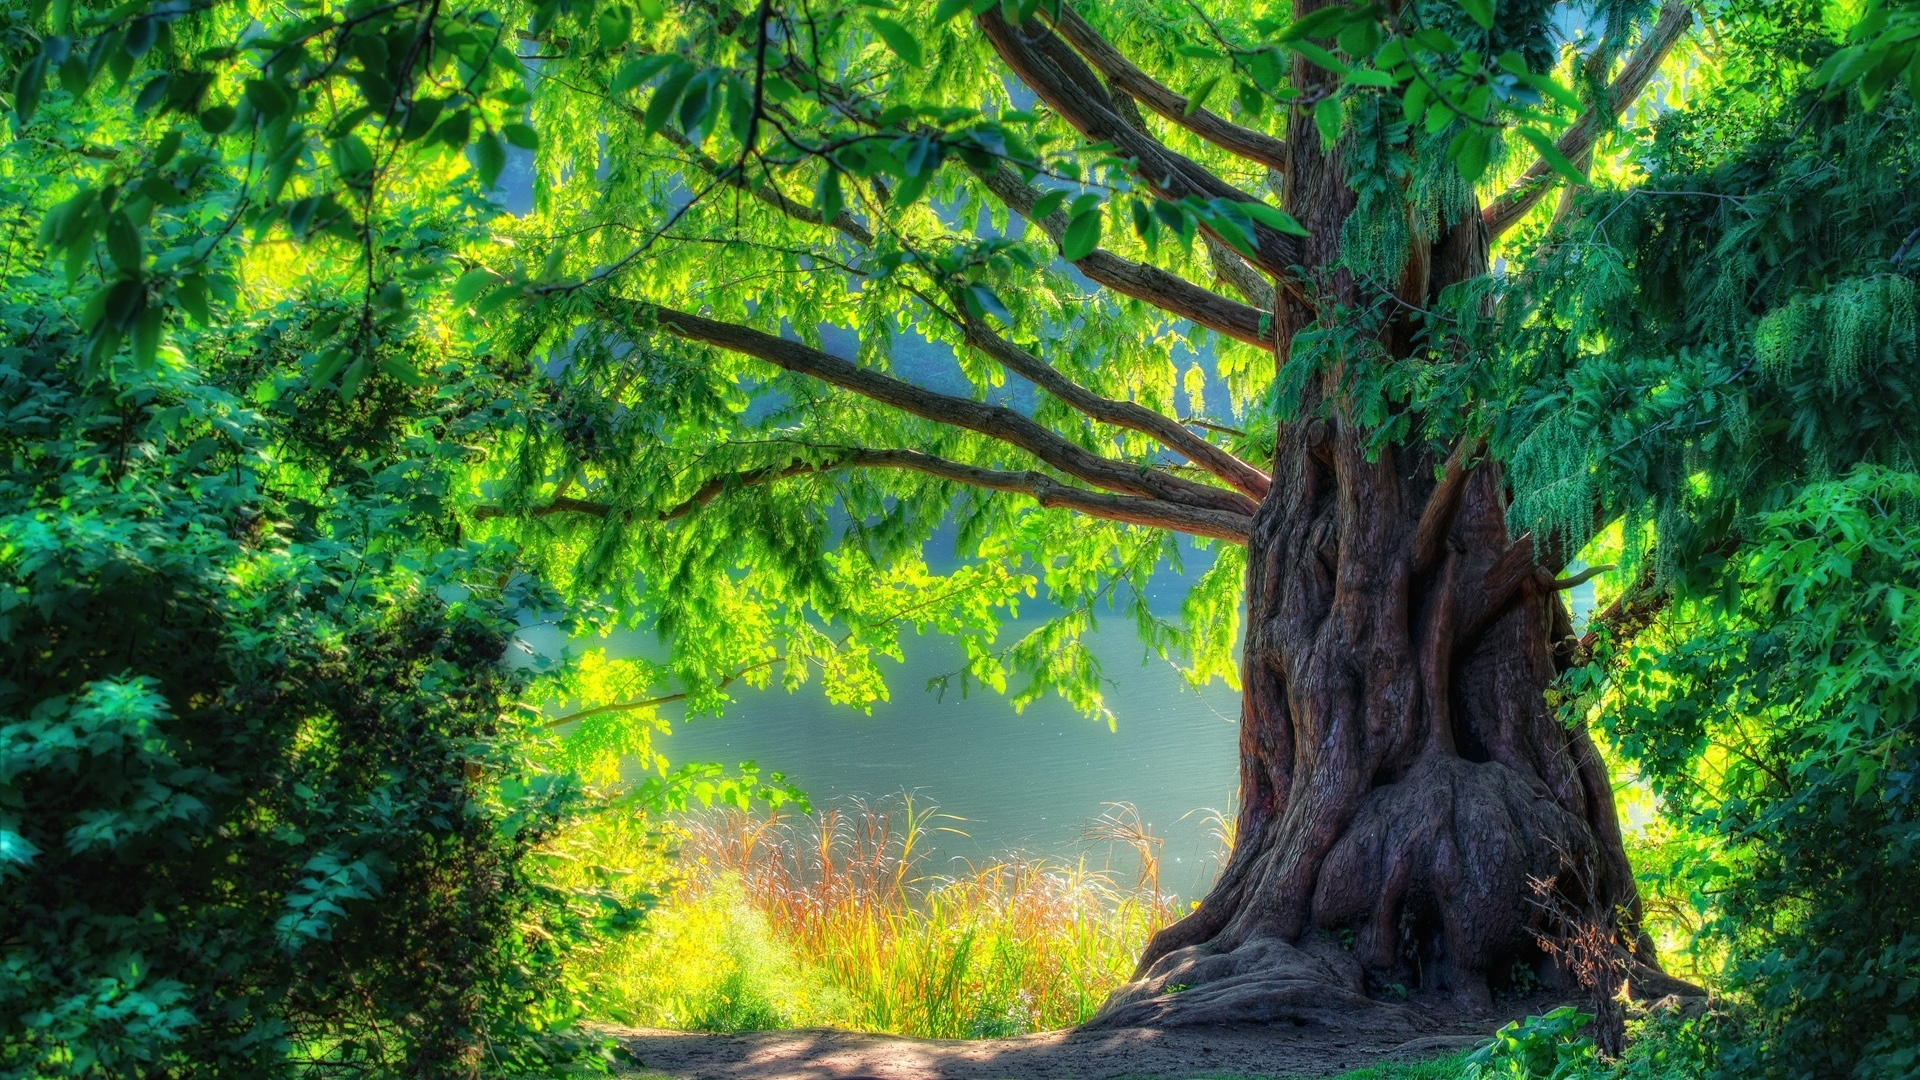 hd natural image beautiful - photo #47